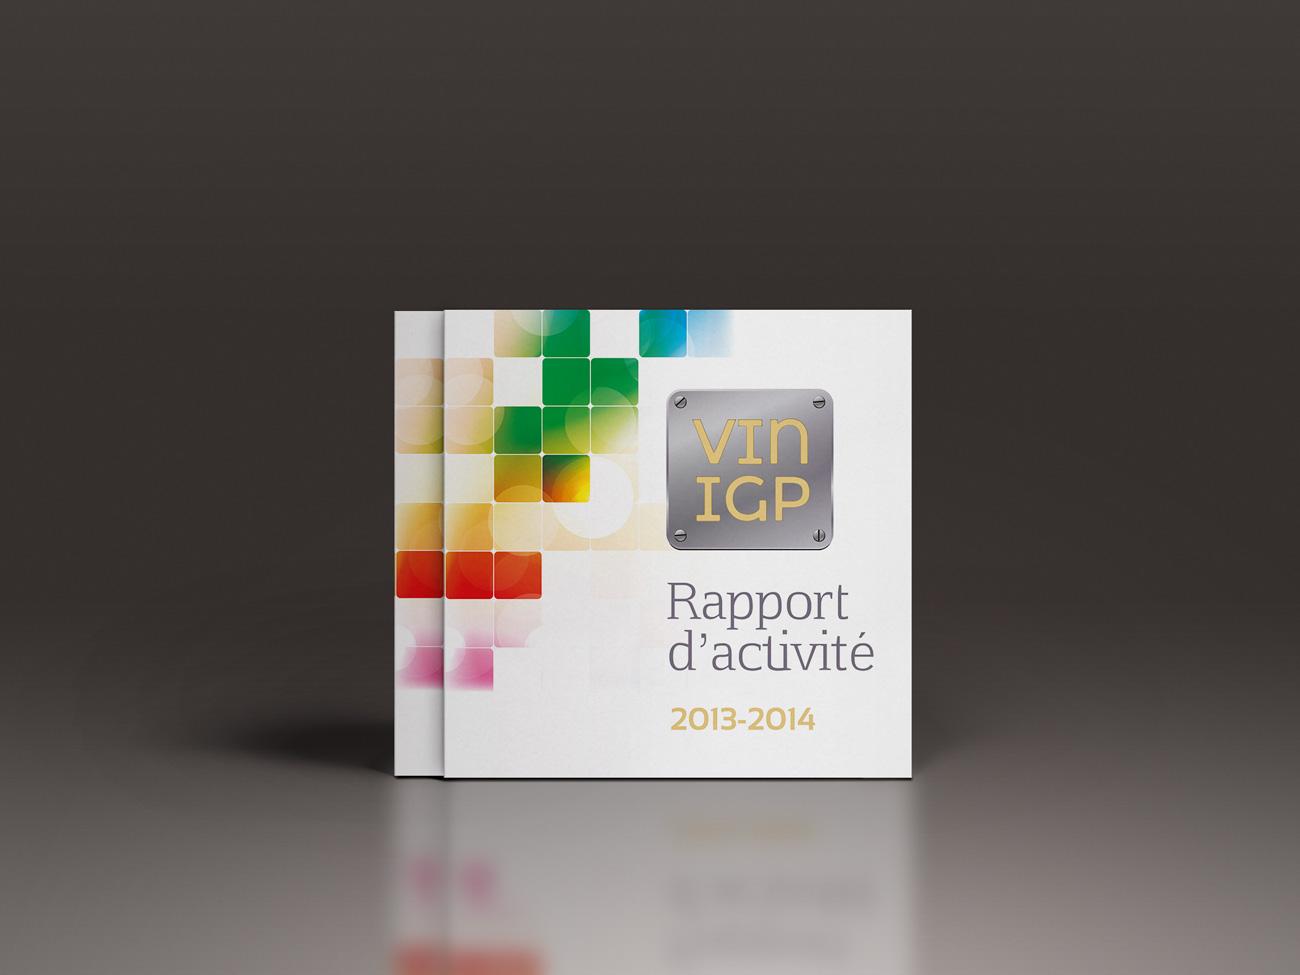 Rapport d'activités 2014 Vin IGP